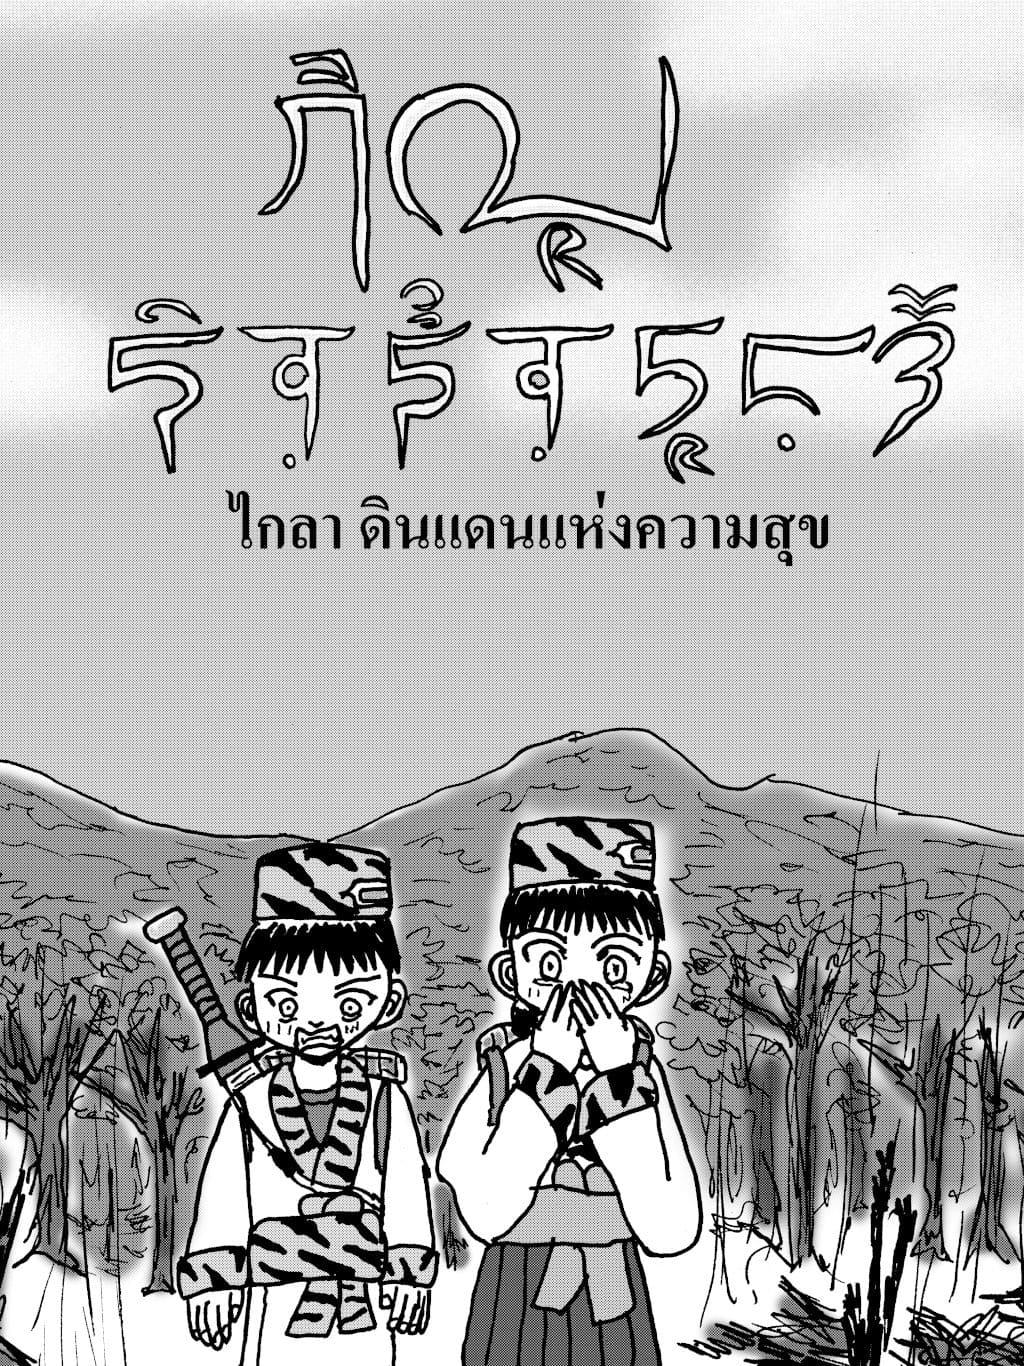 ไกลา ดินแดนแห่งความสุข-Thai Comics Magazine Mini Workshop 5